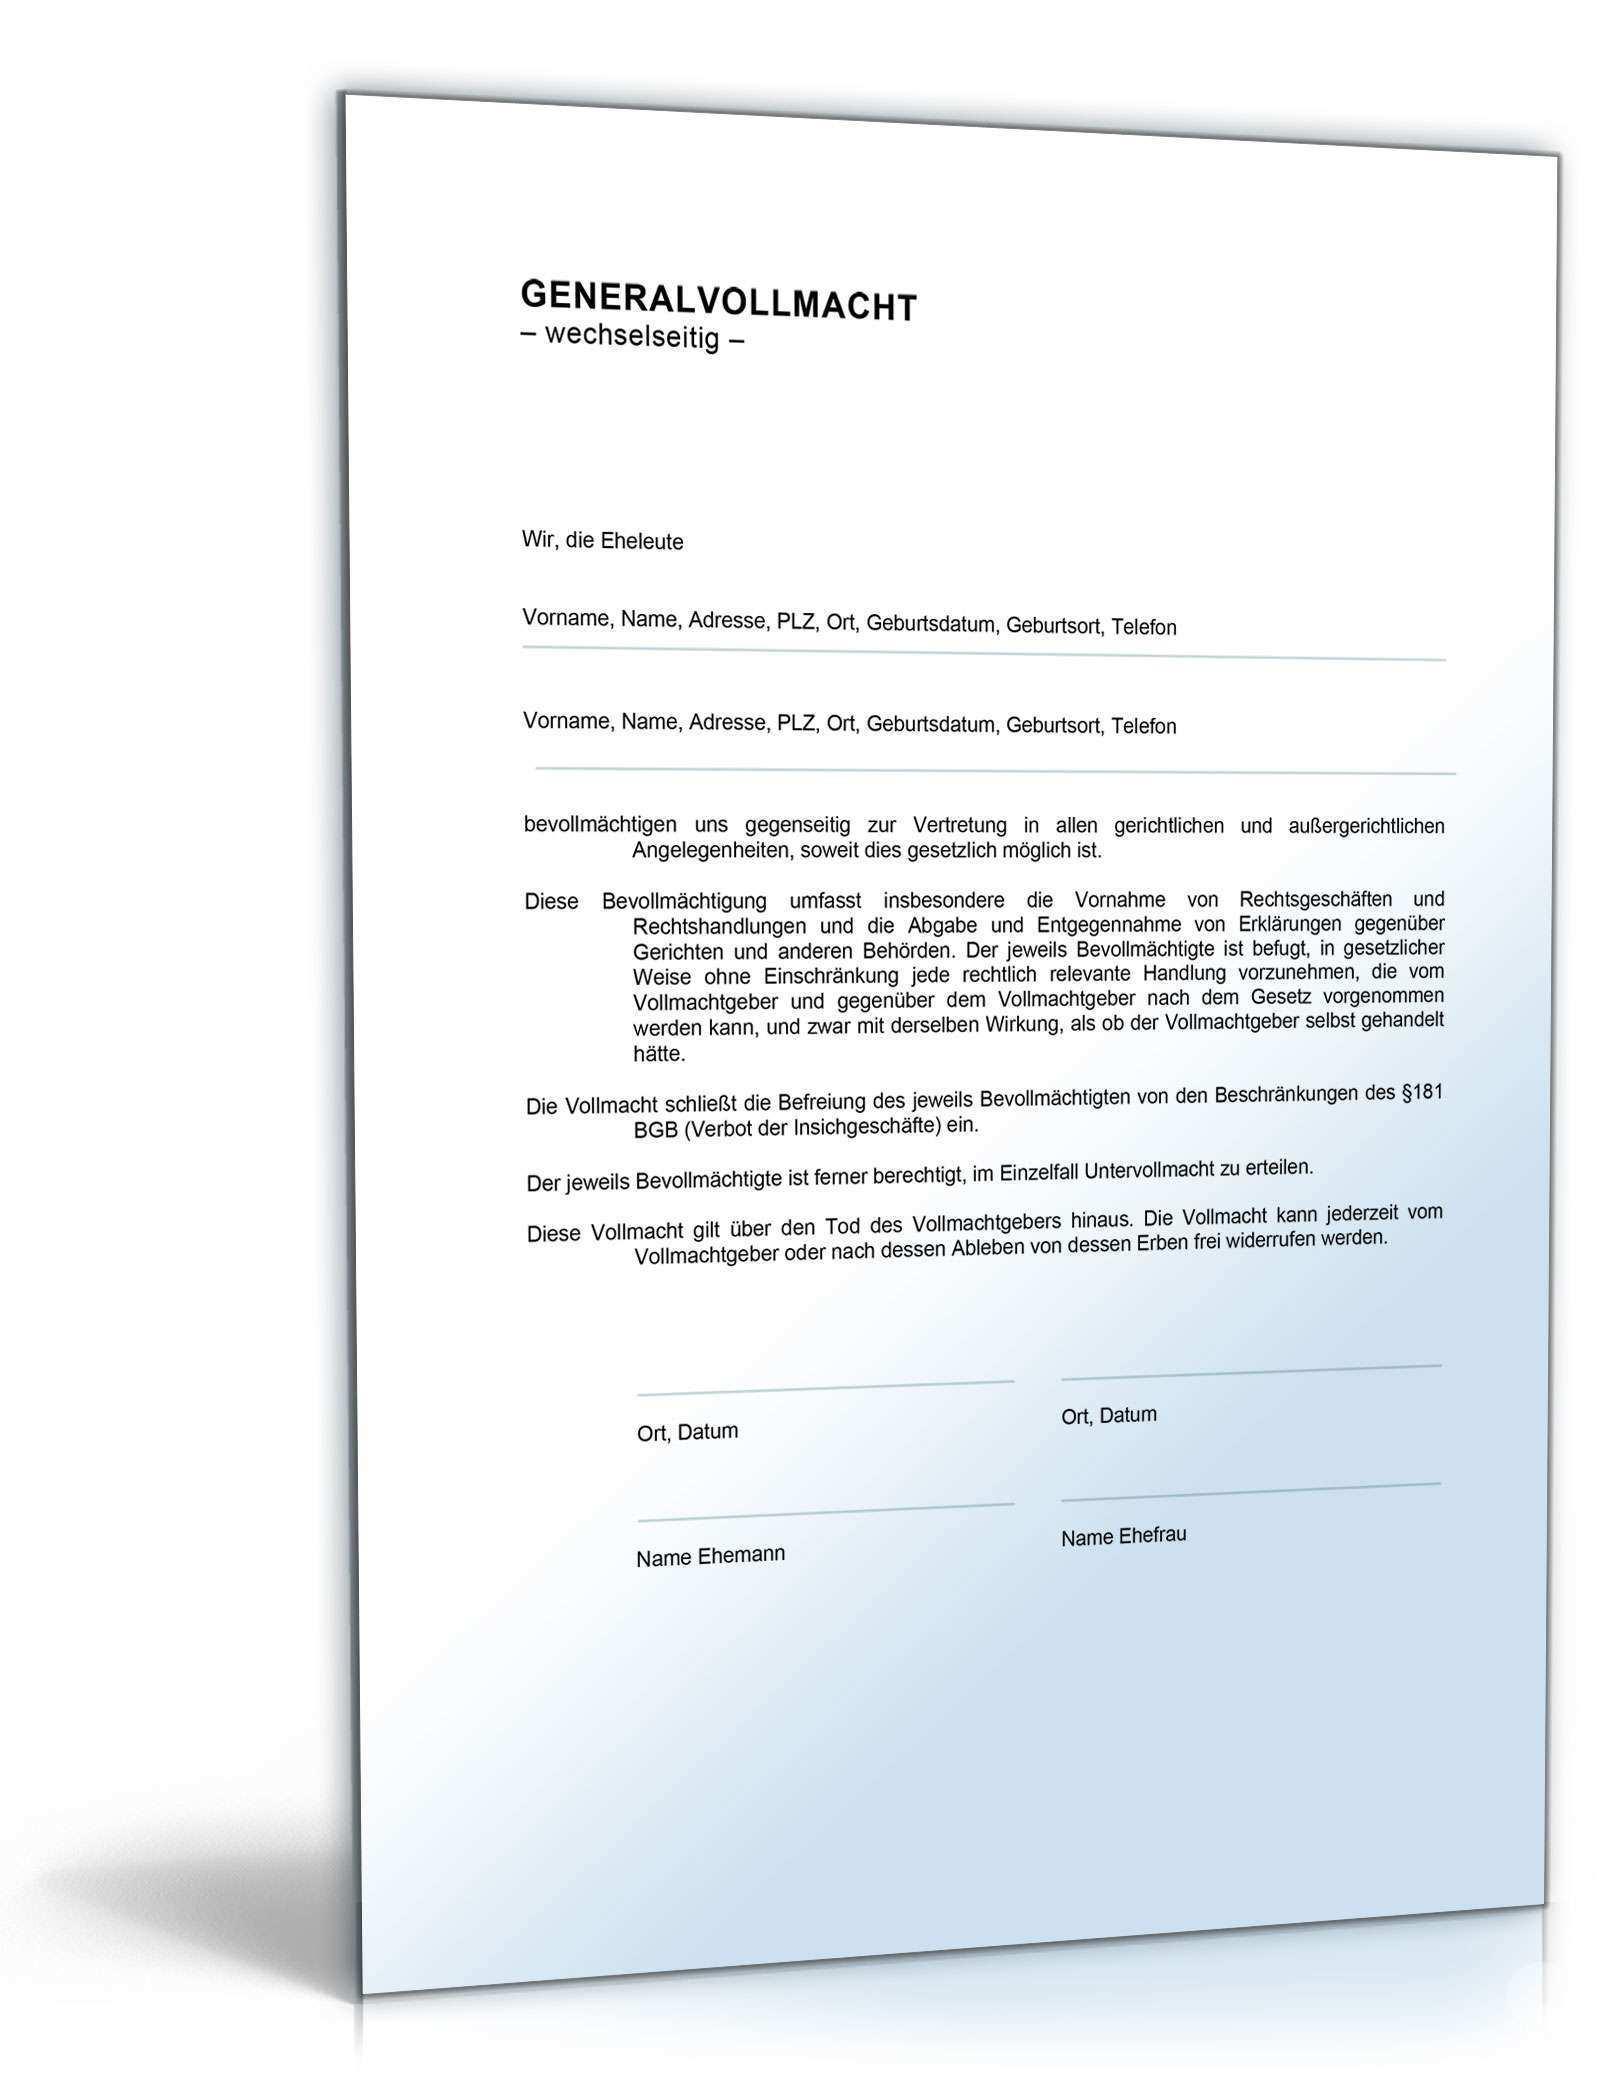 Generalvollmacht Eheleute Vorlage Zum Download